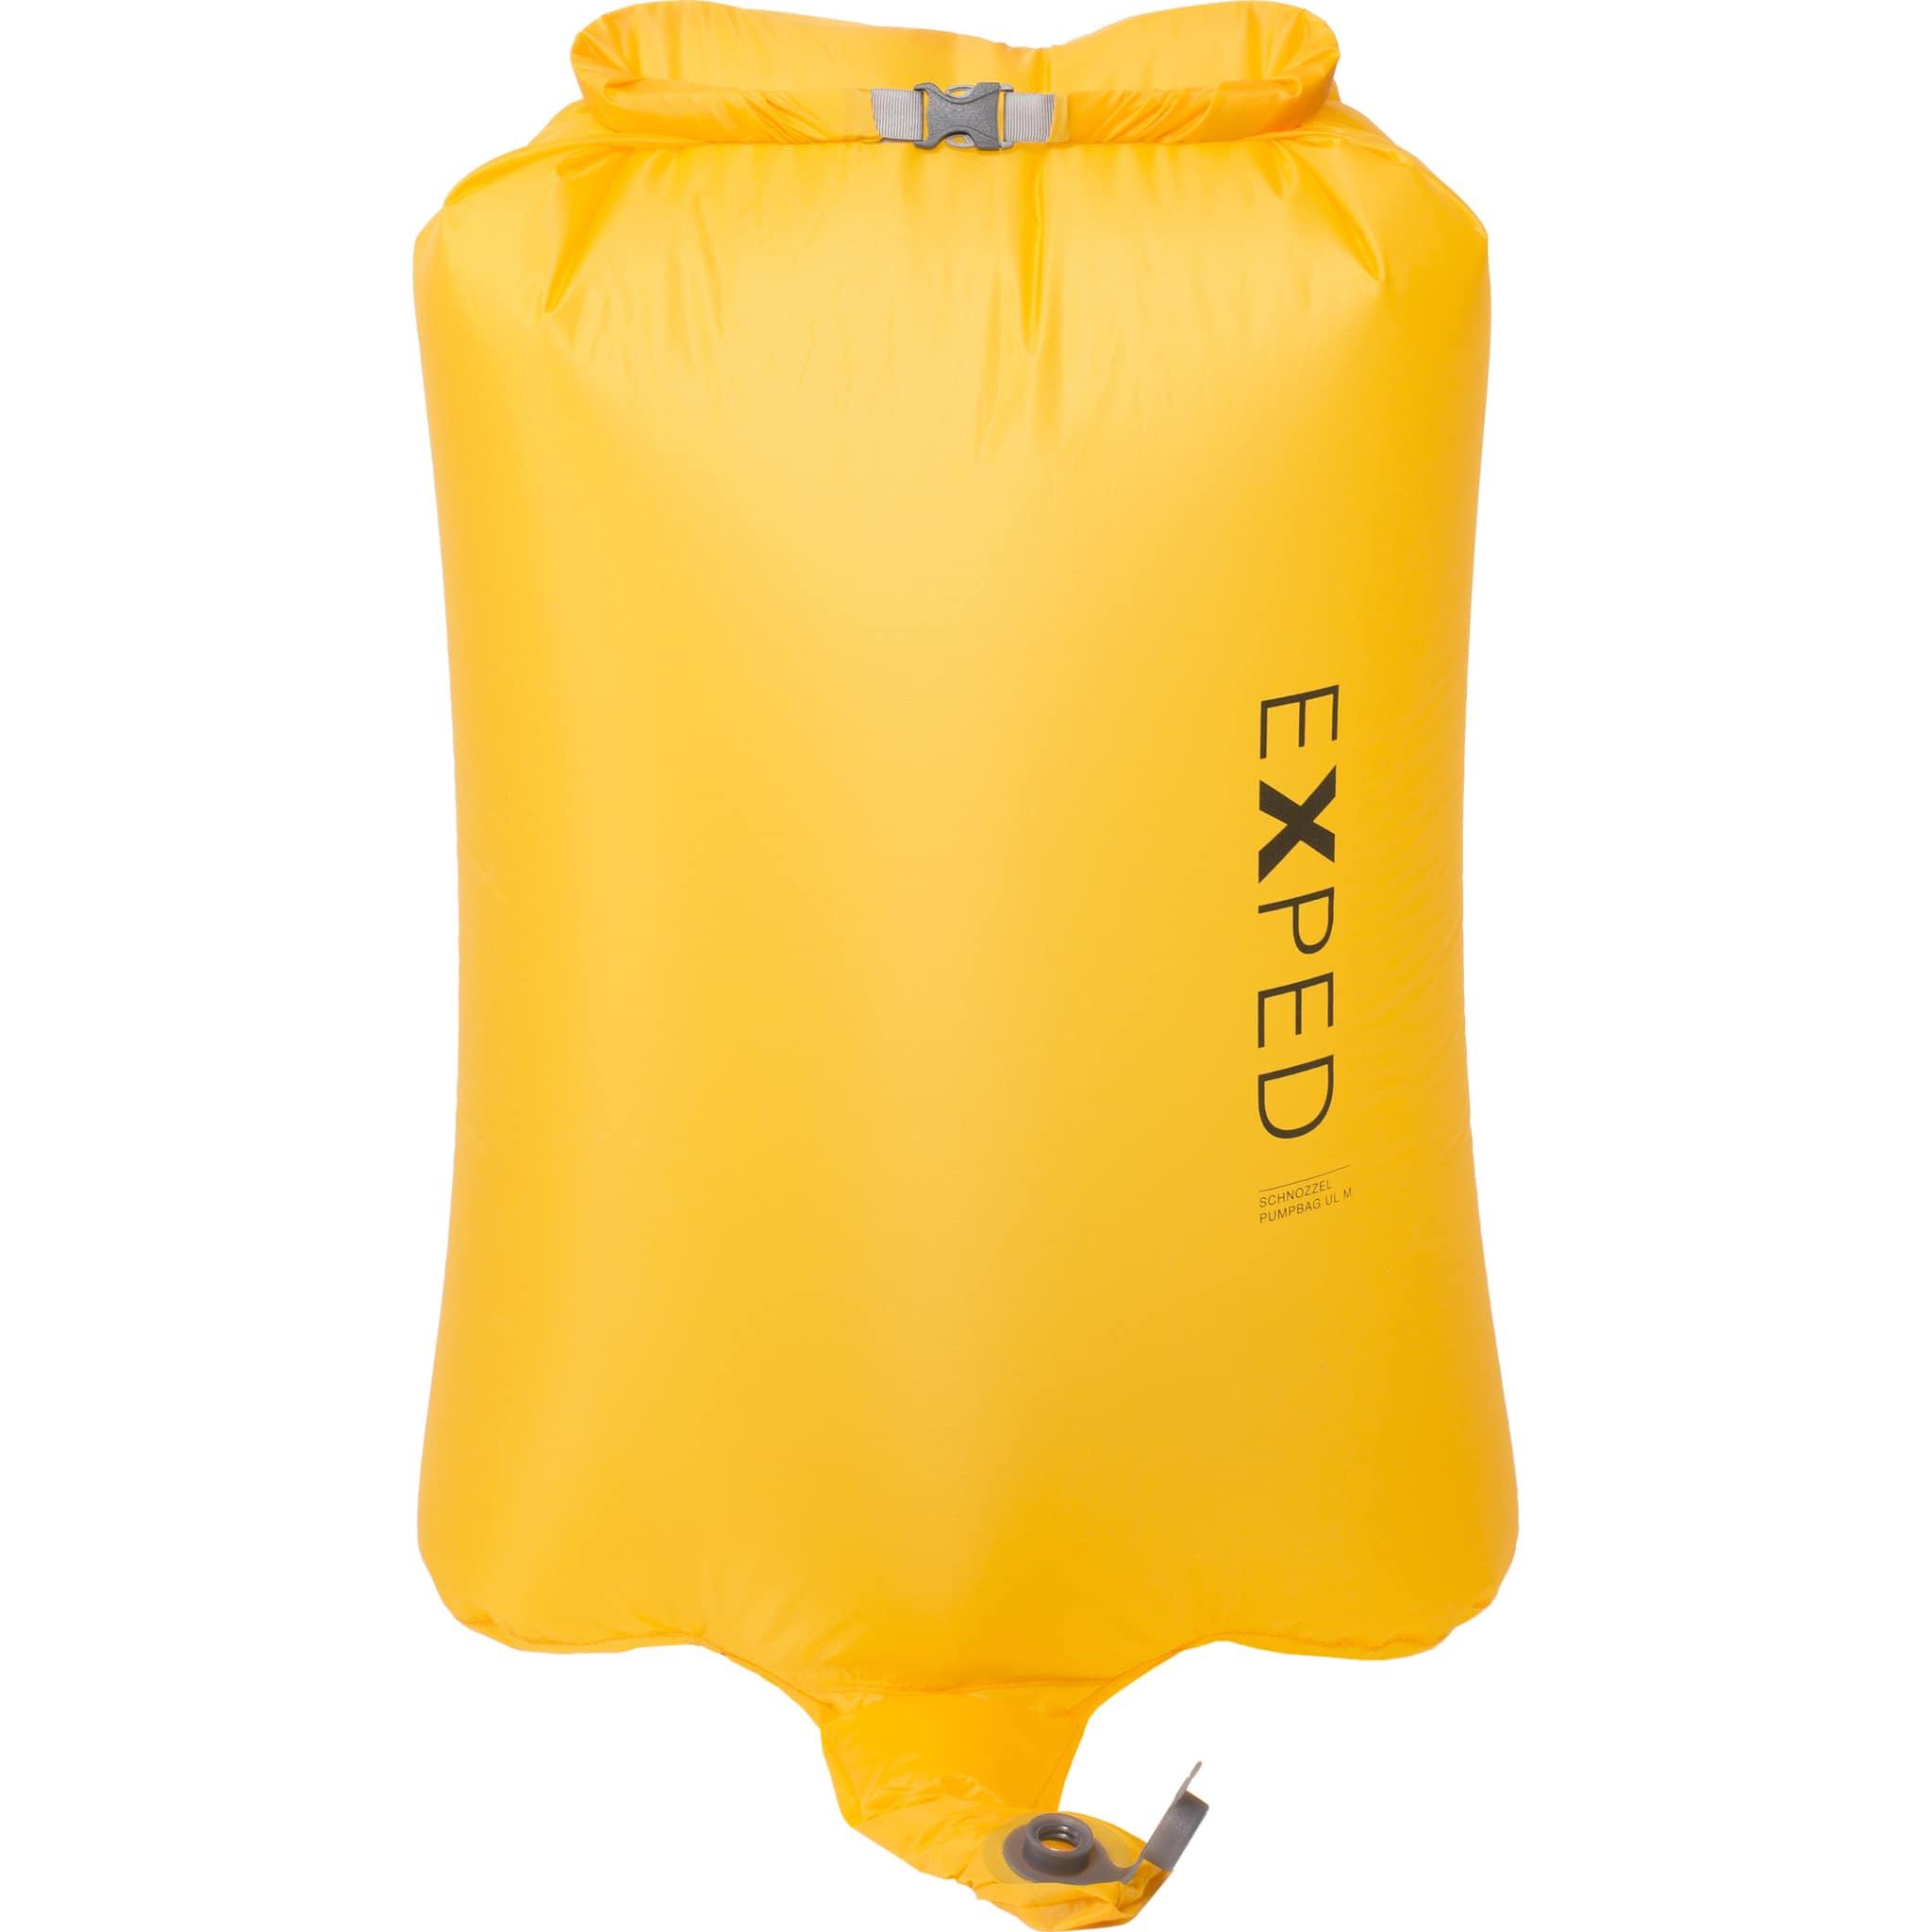 Kombinert pumpe og pakkpose til Exped liggeunderlag